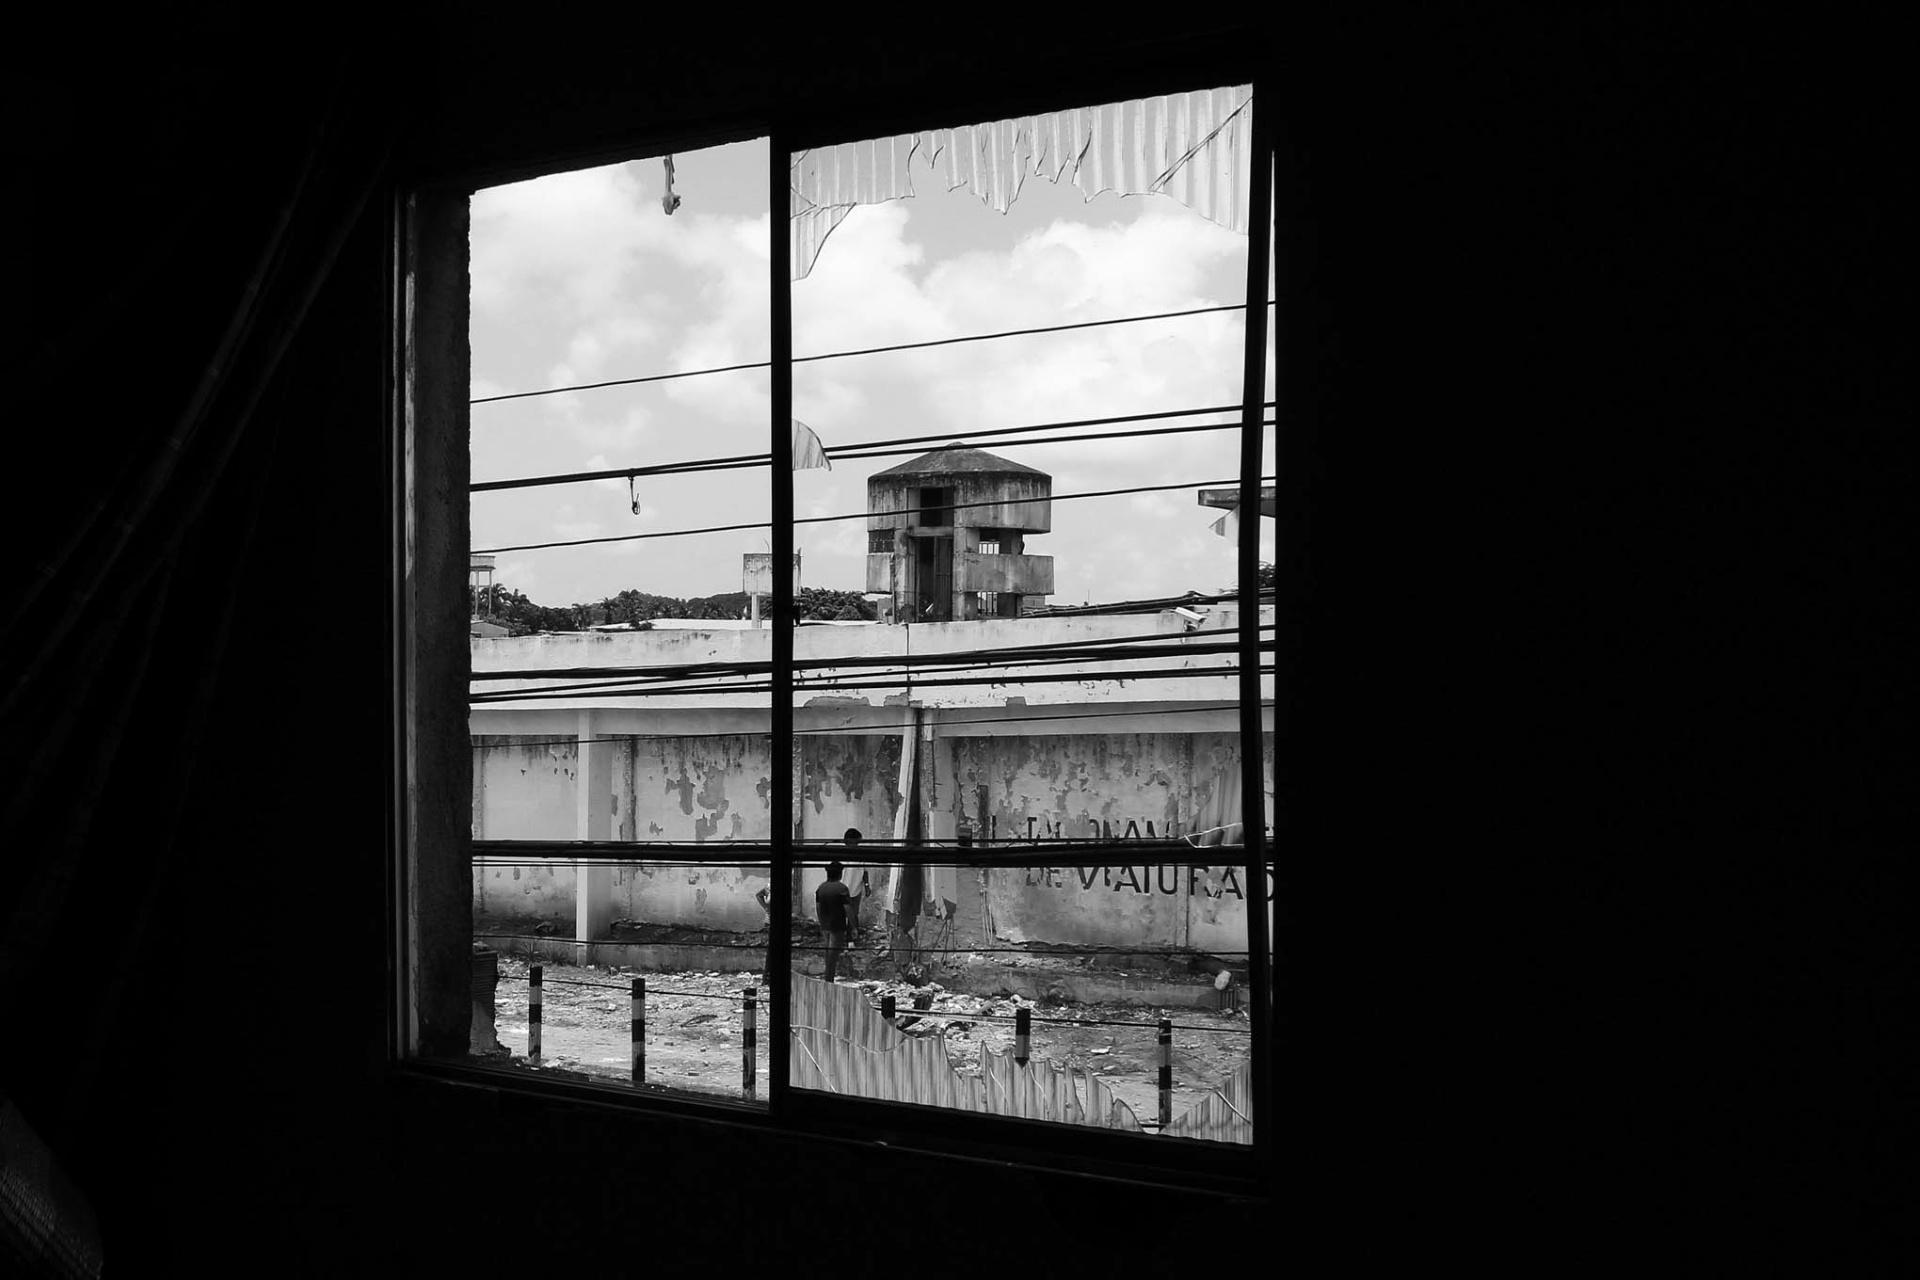 5.mar.2016 - O muro do presídio Aspirante Marcelo Francisco de Araújo (Pamfa), do Complexo Prisional do Curado, na zona oeste do Recife, foi explodido na madrugada deste sábado. Veículos e casas próximos ao local da explosão foram atingidos. Segundo a polícia nenhum detento fugiu